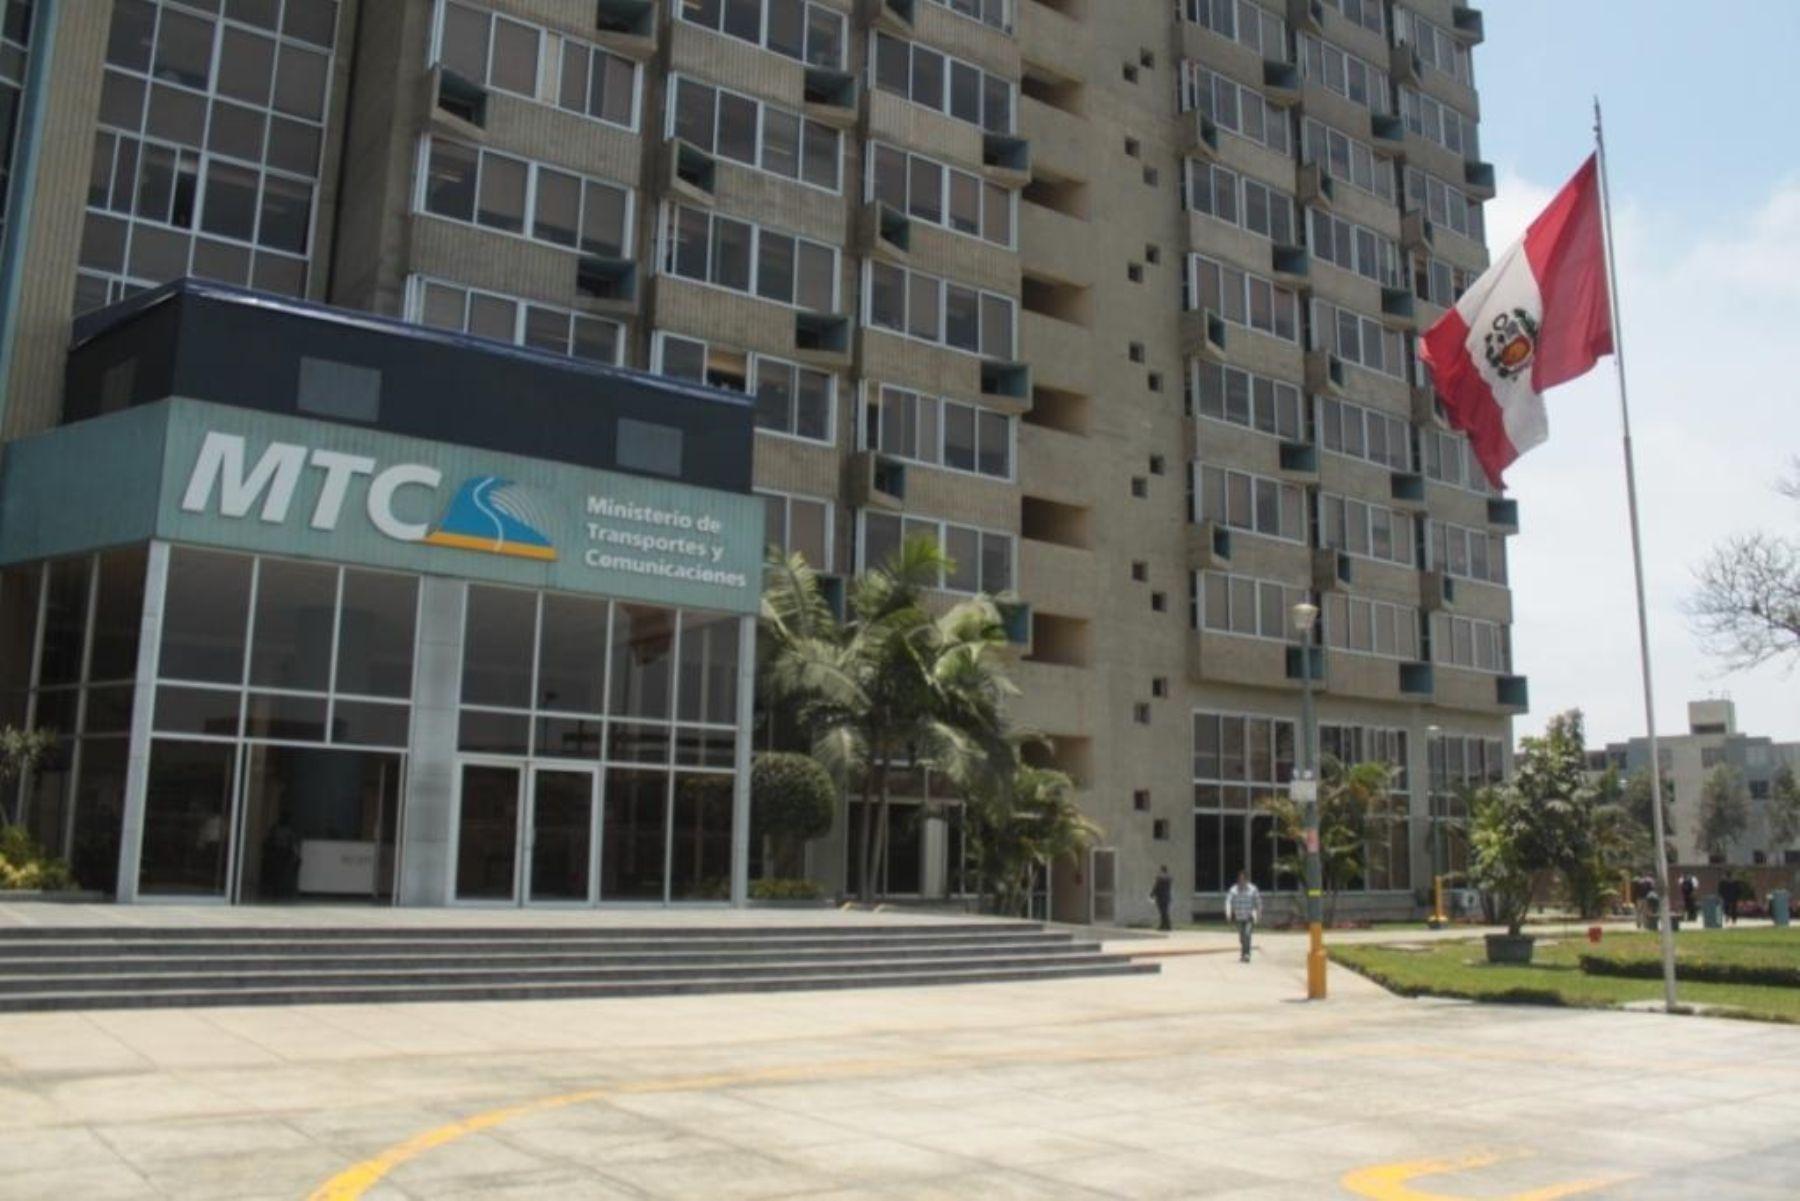 mtc-se-modifica-protocolo-sanitario-sectorial-para-la-prevencion-del-covid-19-para-los-servicios-de-telecomunicaciones